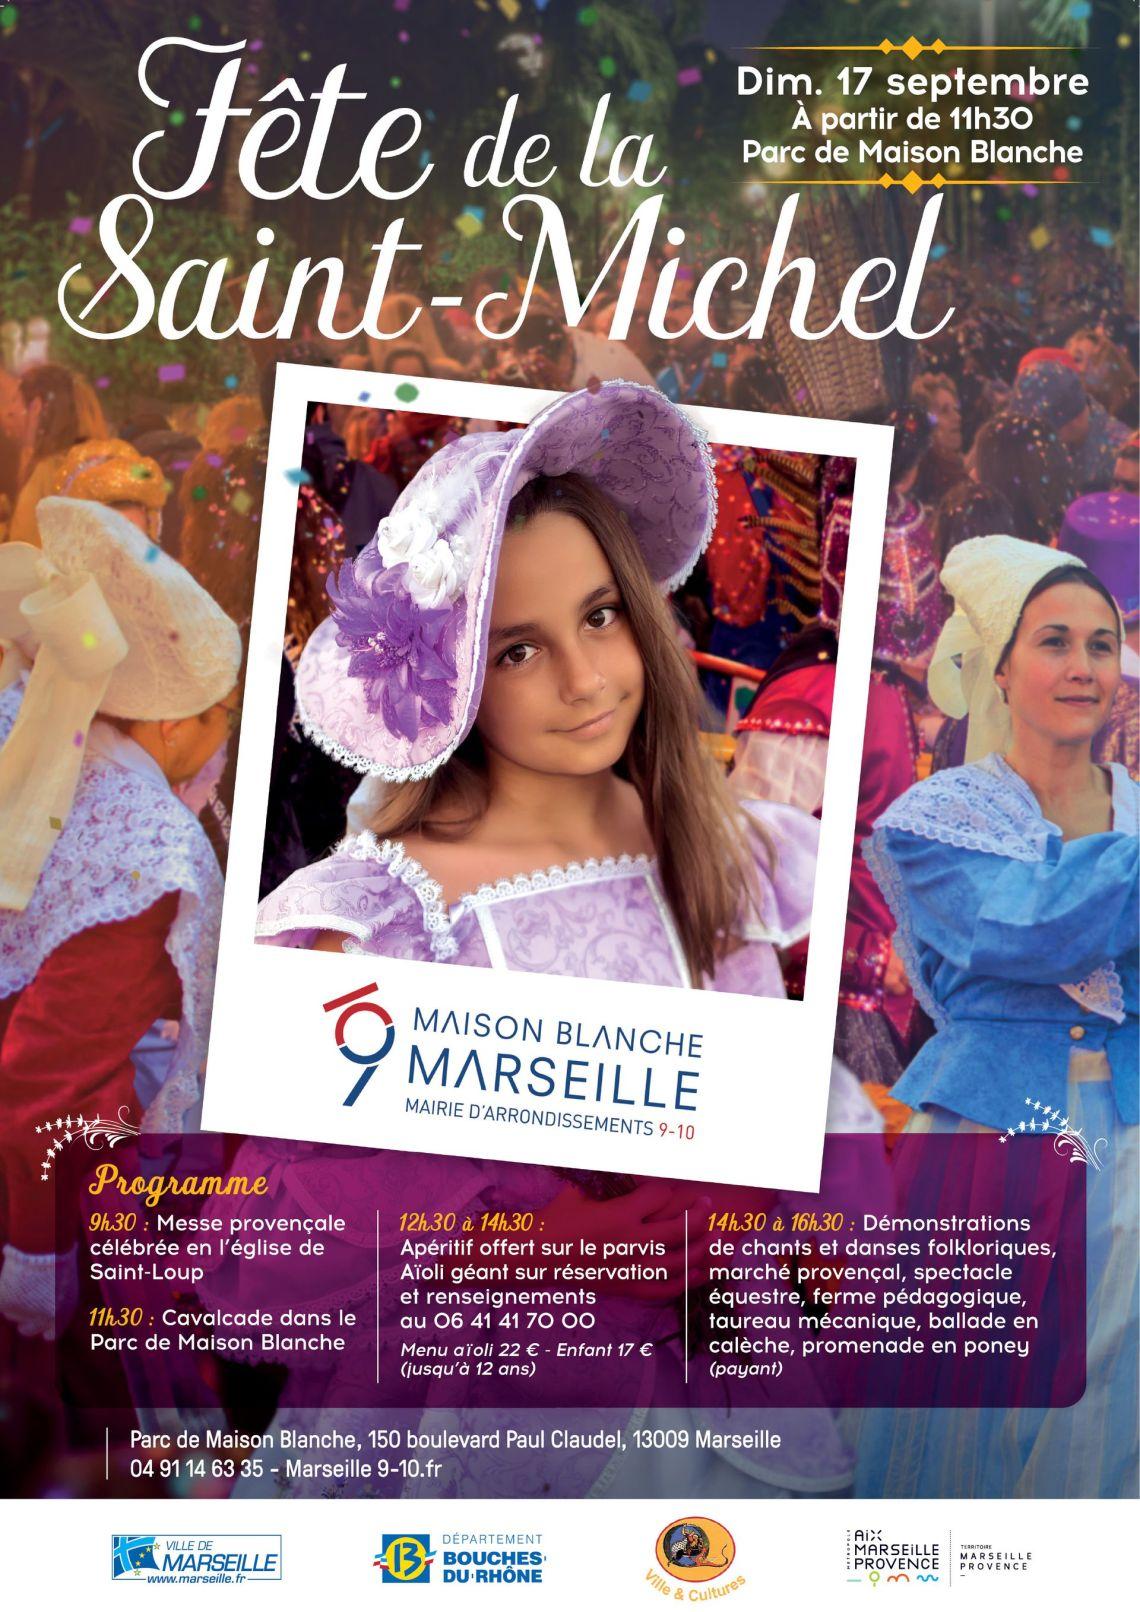 csm_Fete_St_Michel_A4_8f03b2268a